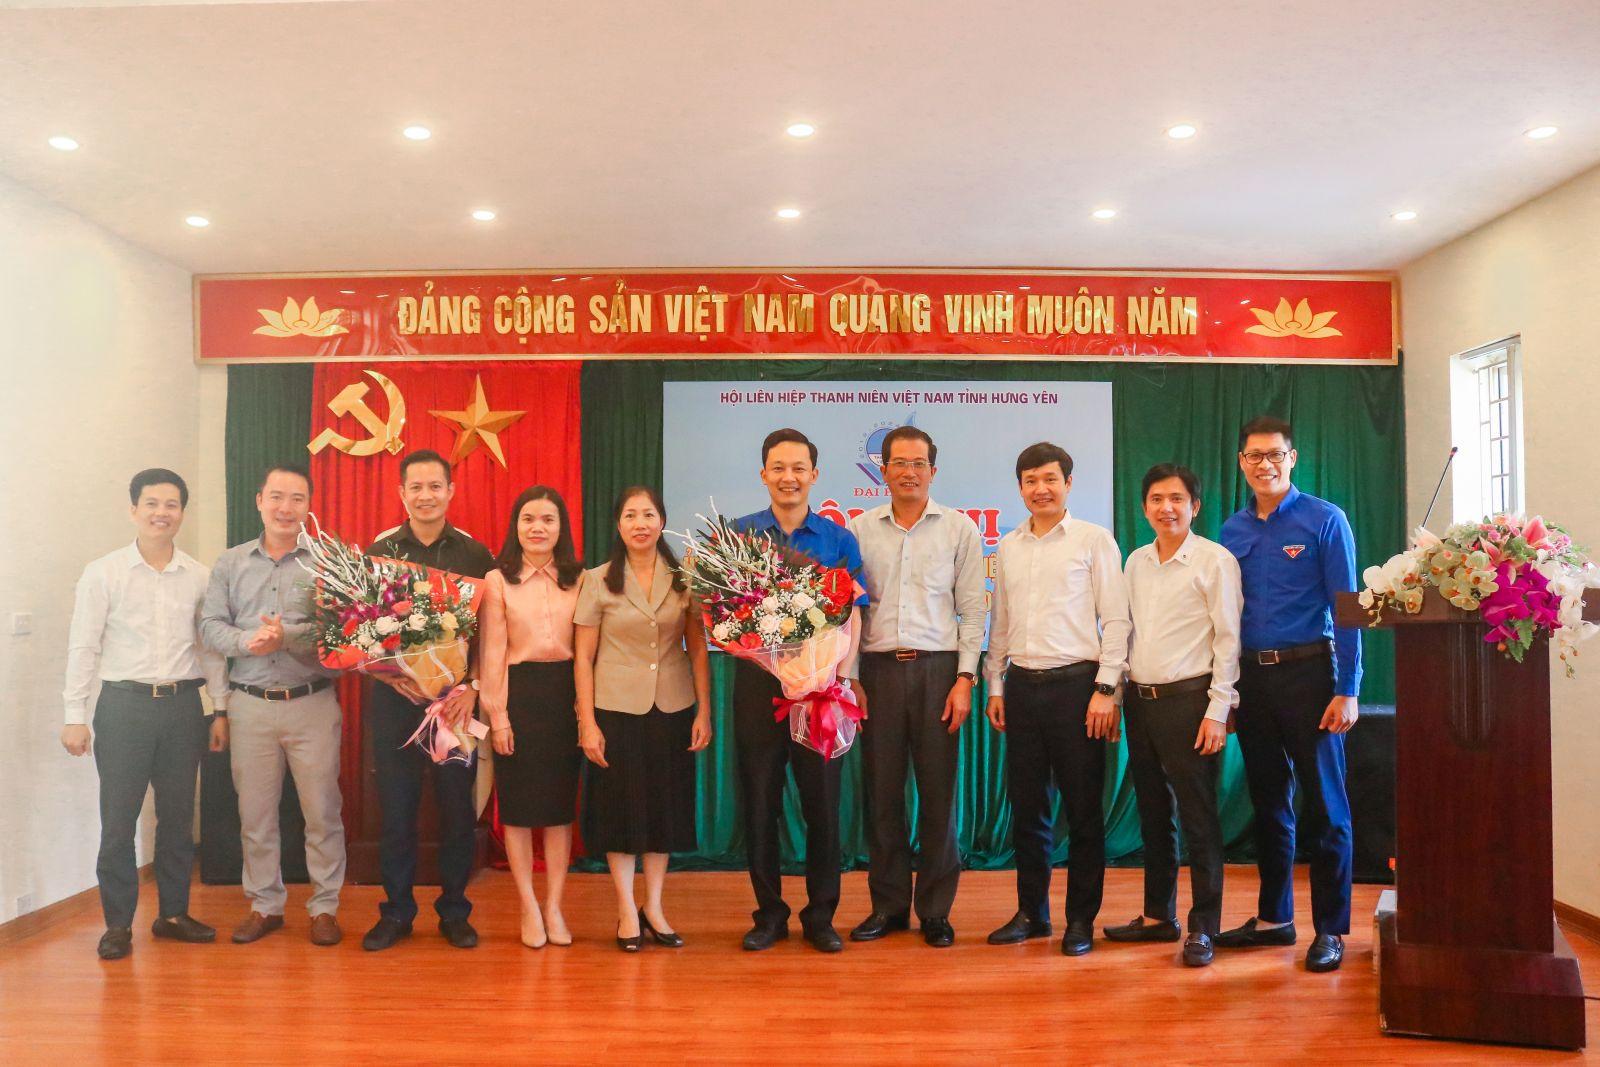 Hội nghị Ủy ban Hội LHTN Việt Nam tỉnh Hưng Yên lần thứ ba, khóa V,  nhiệm kỳ 2019 - 2024